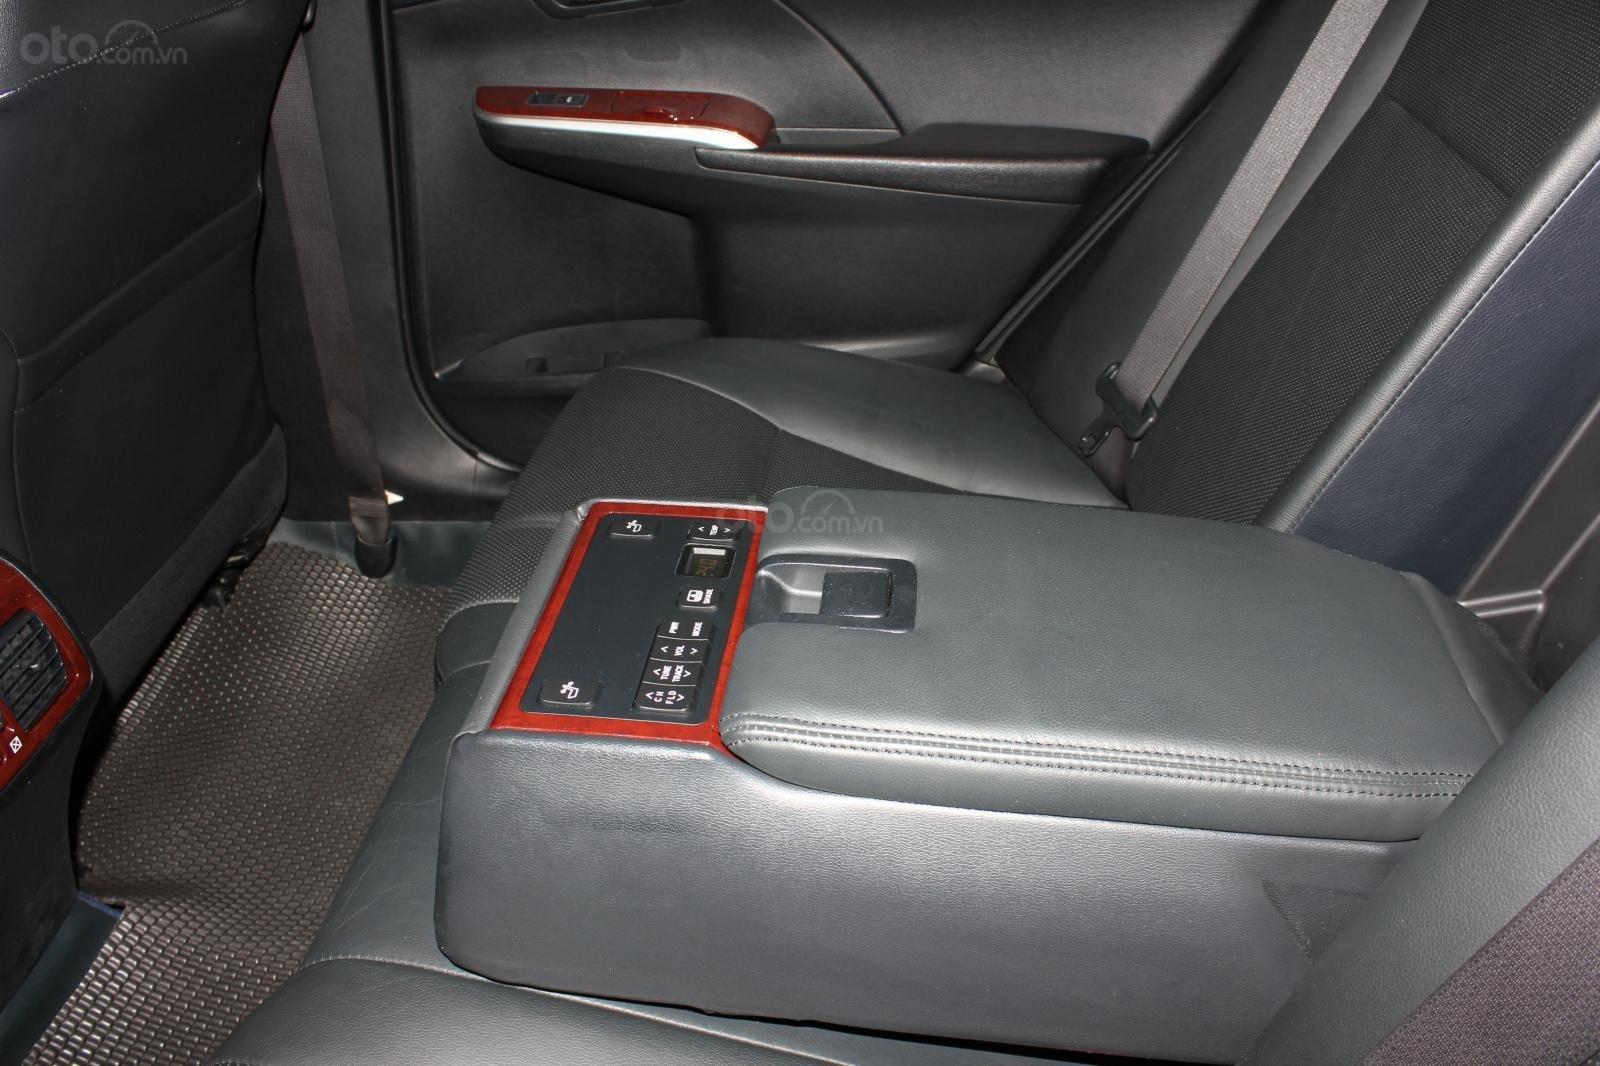 Cần bán Toyota Camry 2.5 Q 2013 bản full, màu đen, giá chỉ 755 triệu (17)